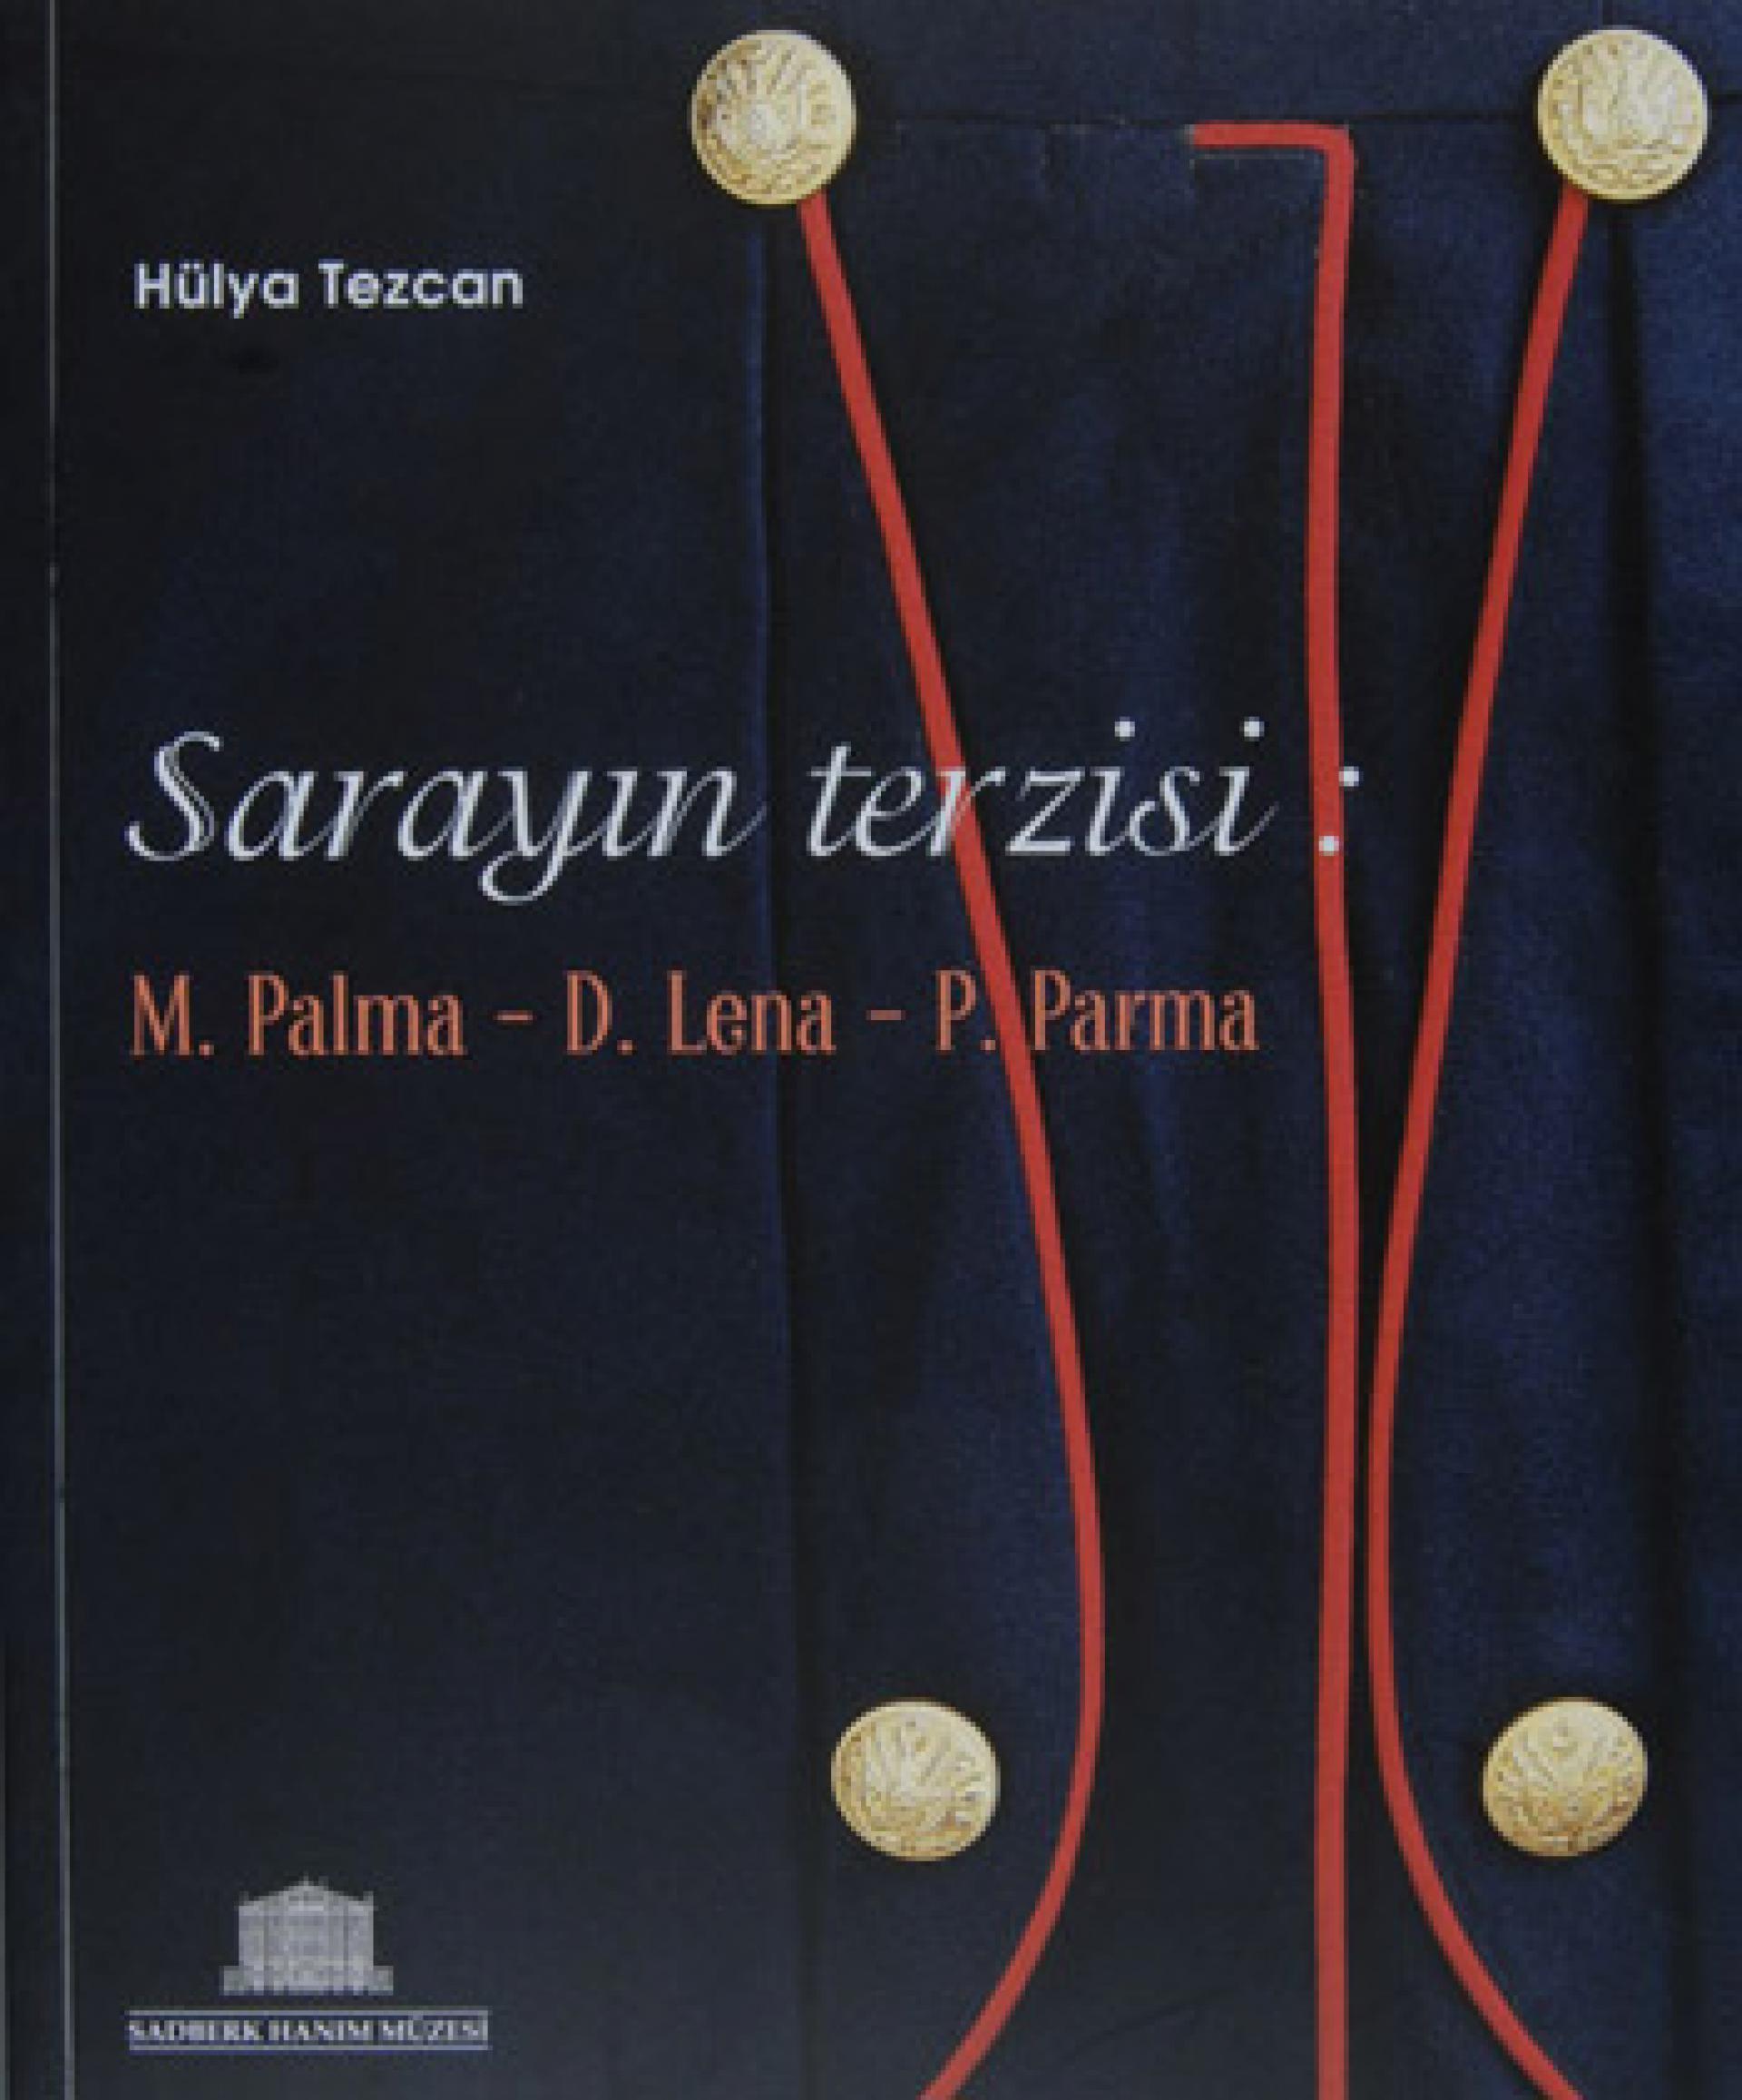 Sarayın Terzisi: M. Palma - D. Lena - P. Parma - SERGİLER - Sadberk Hanım Müzesi